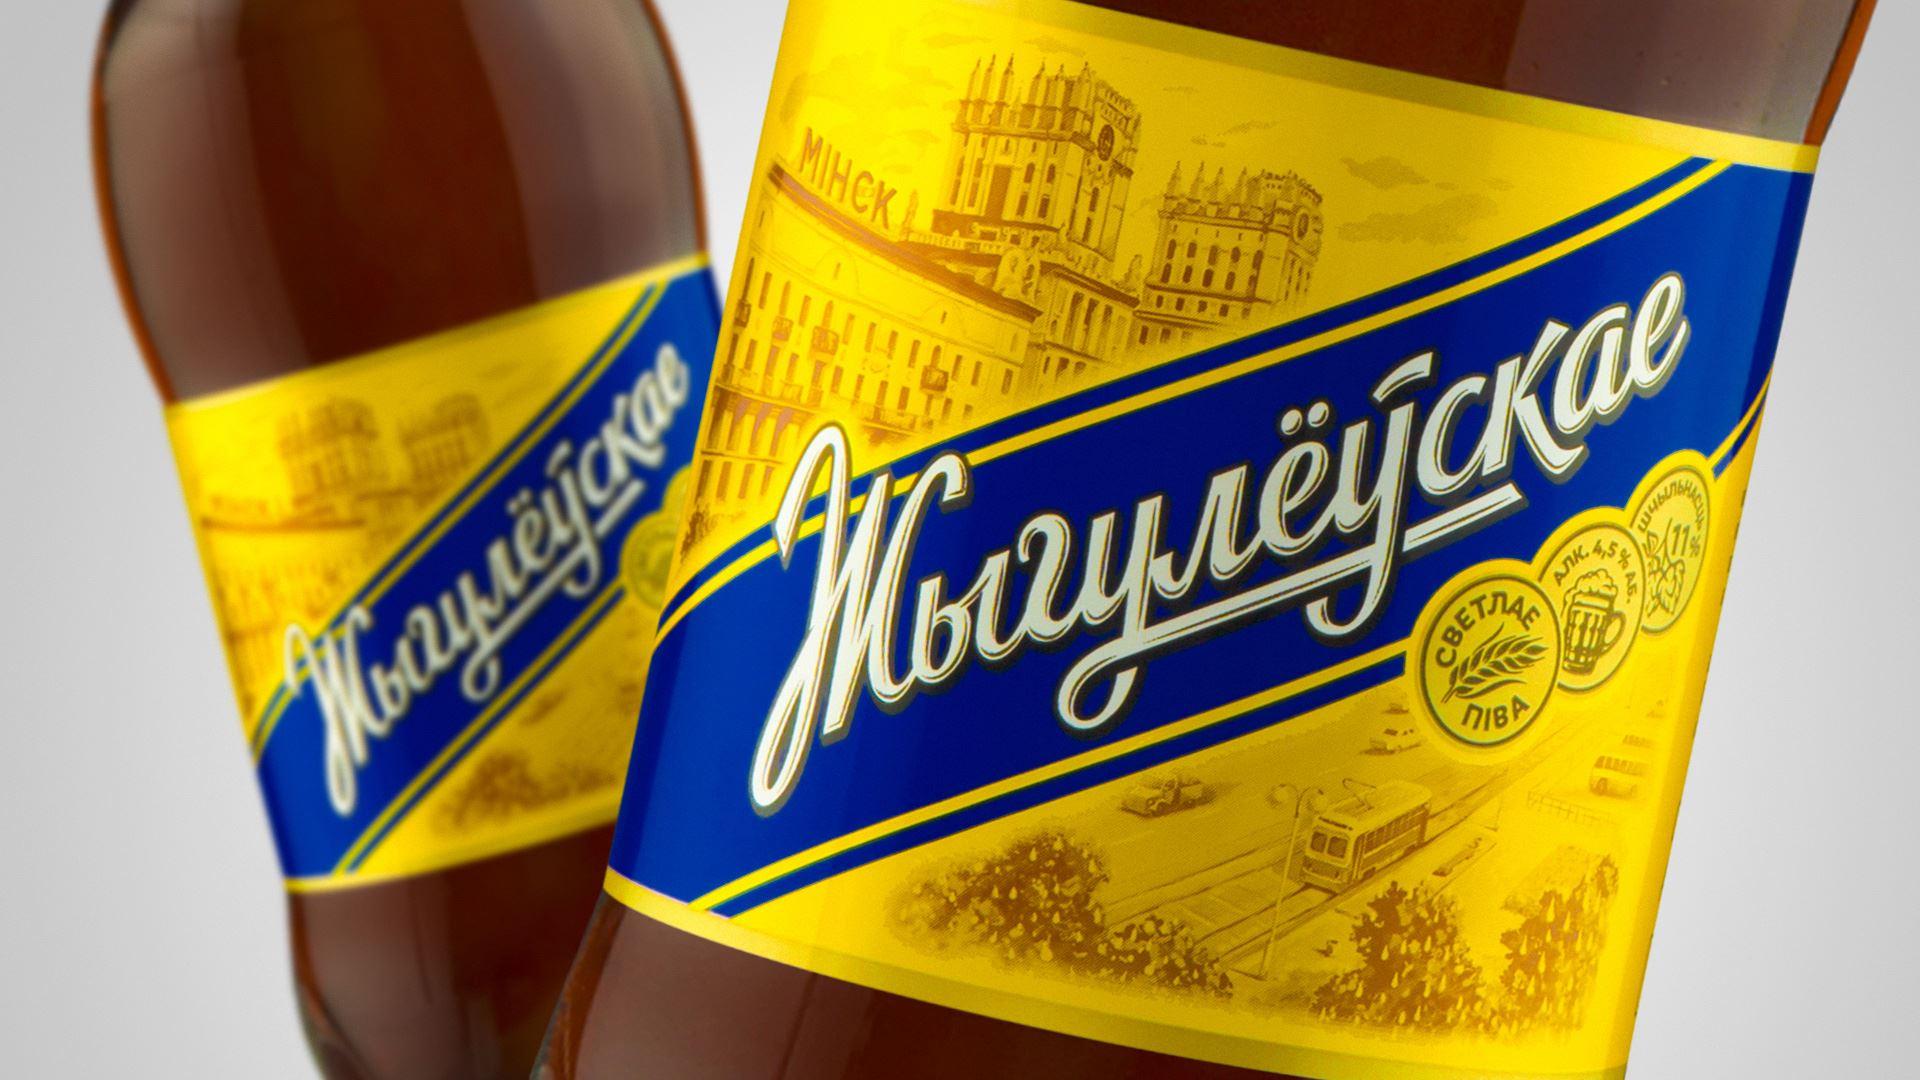 достопримечательности картинки с пивом жигулевское дает